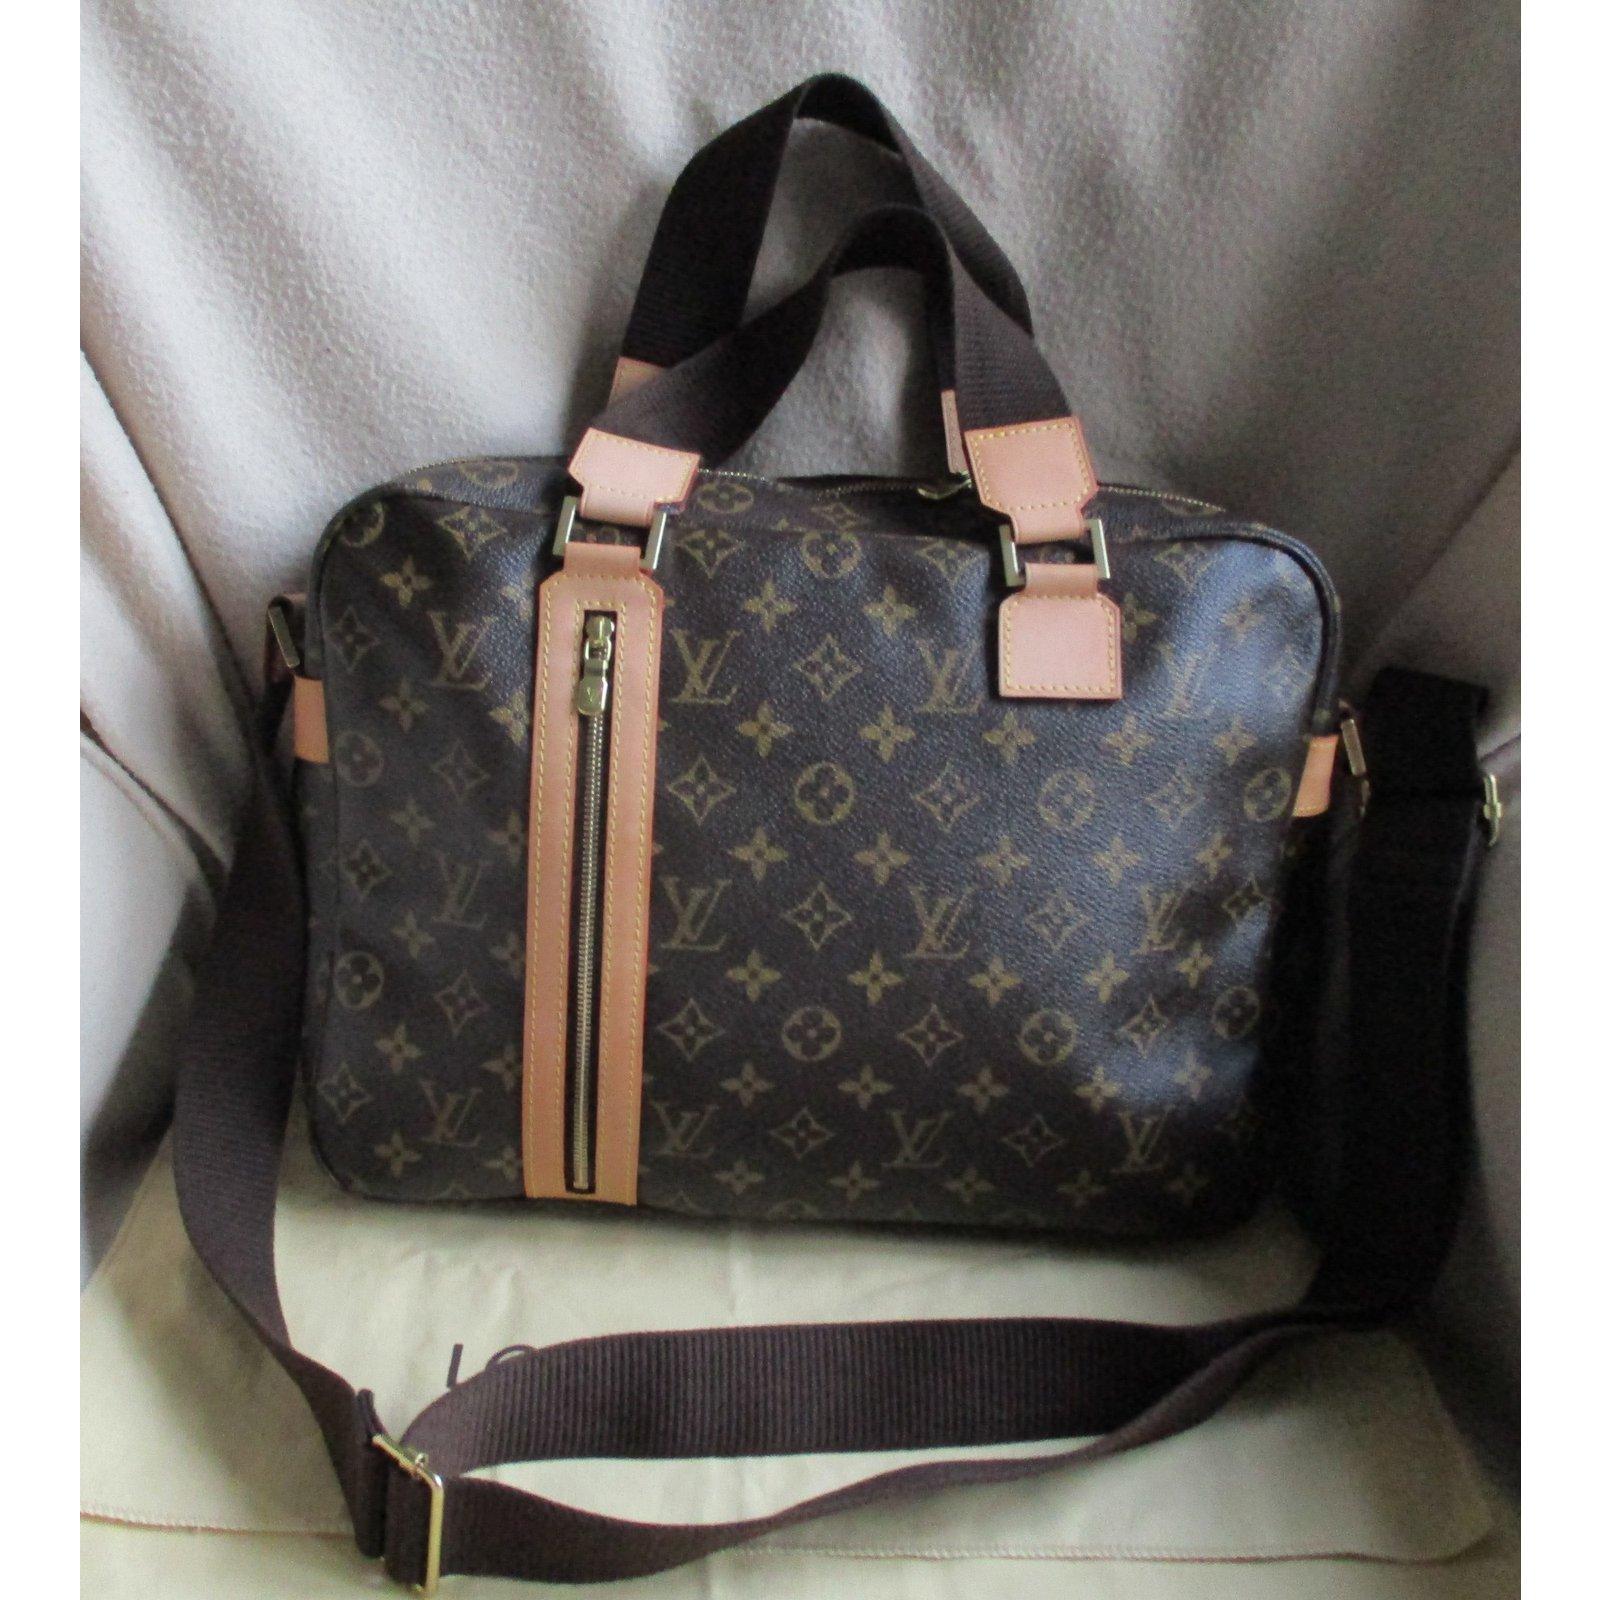 c071a397bad5 Louis Vuitton Bag